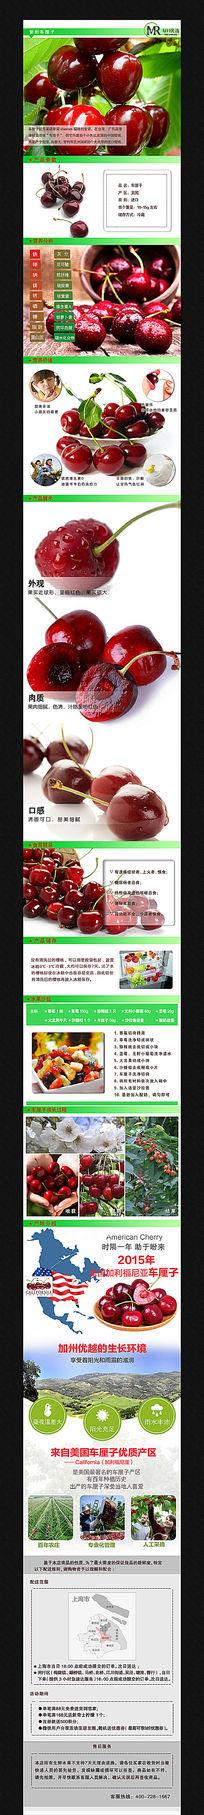 淘宝食品零食详情页描述 PSD